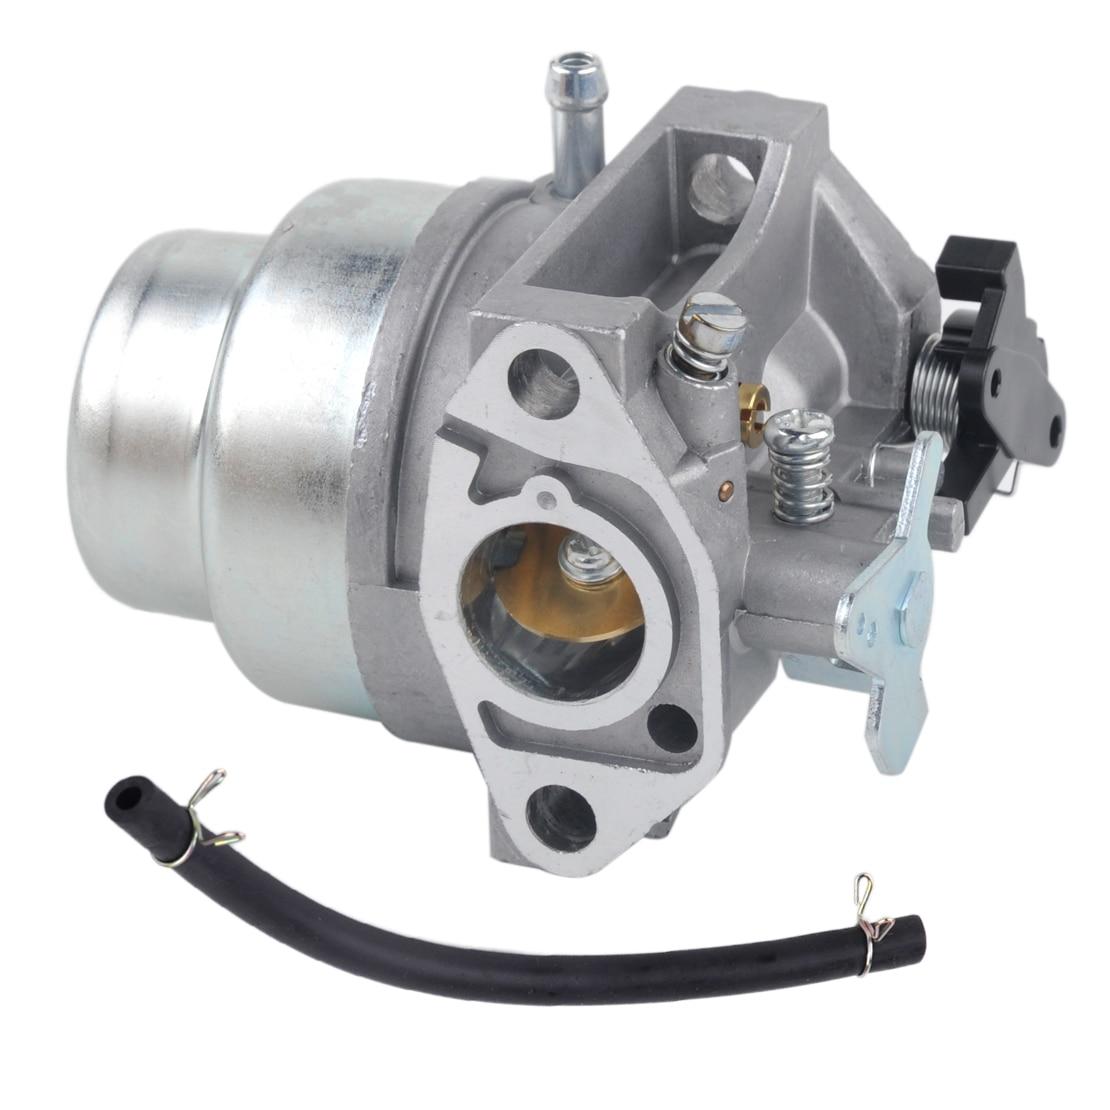 LETAOSK Carburetor Carb fit for Honda GCV160 HRB216 HRS216 HRR216 HRT216 16100-Z0L-023 Lawn Mower recoil starter assy fits honda gc160 gcv135 gcv160 hrb216 hrr216 hrs216 hrt216 hrz216 en2000 generator